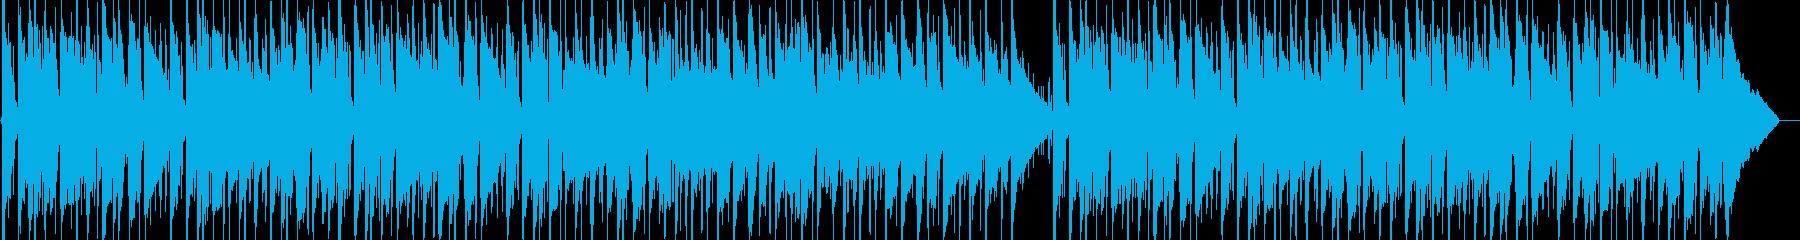 アコギ生演奏!優しいメロディのおしゃれ曲の再生済みの波形